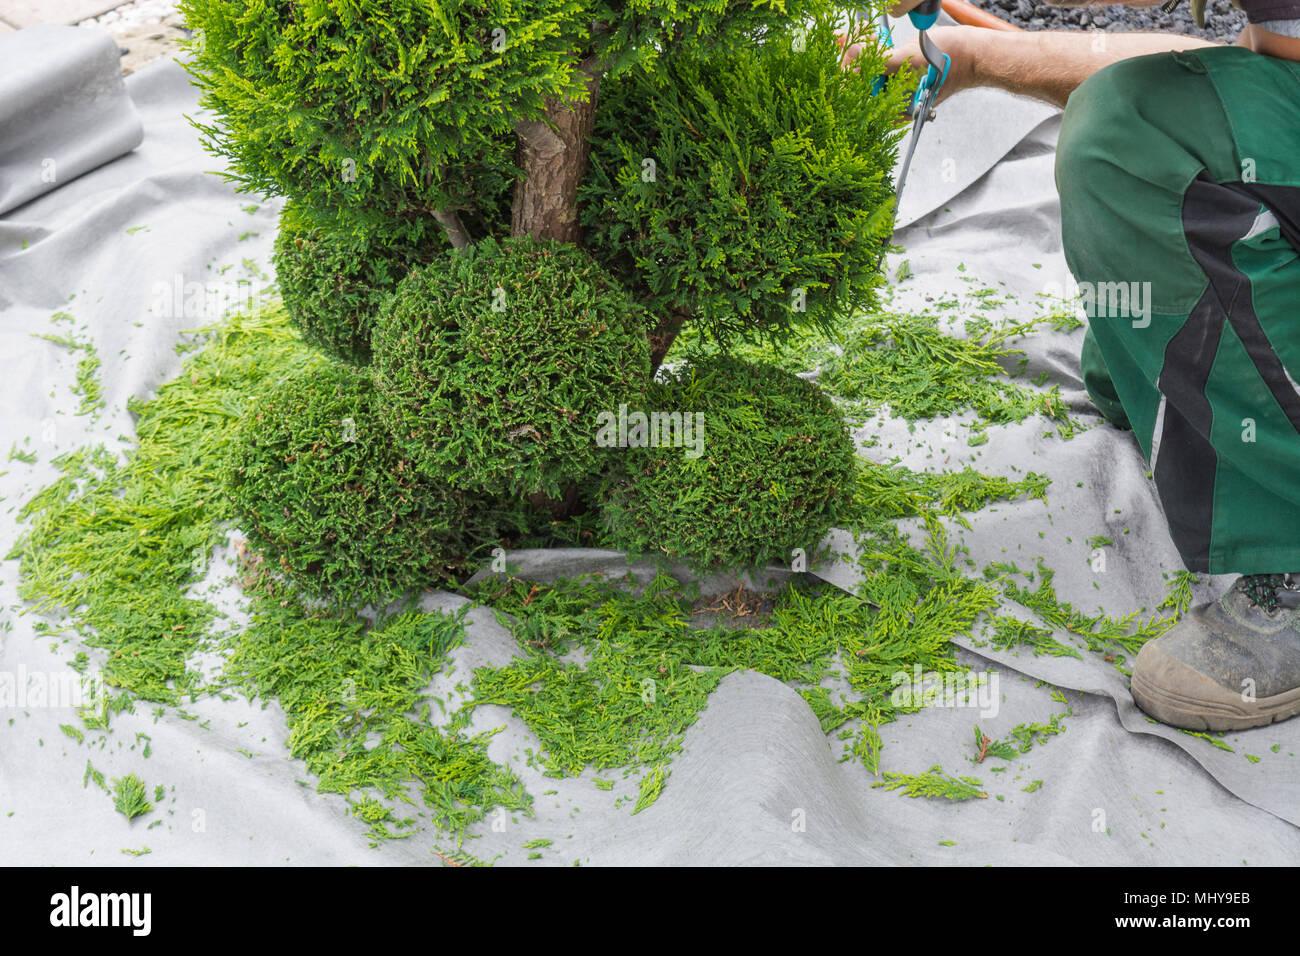 Kleines Leben Baume Oder Thuja Schneiden In Form Auf Einer Wiese